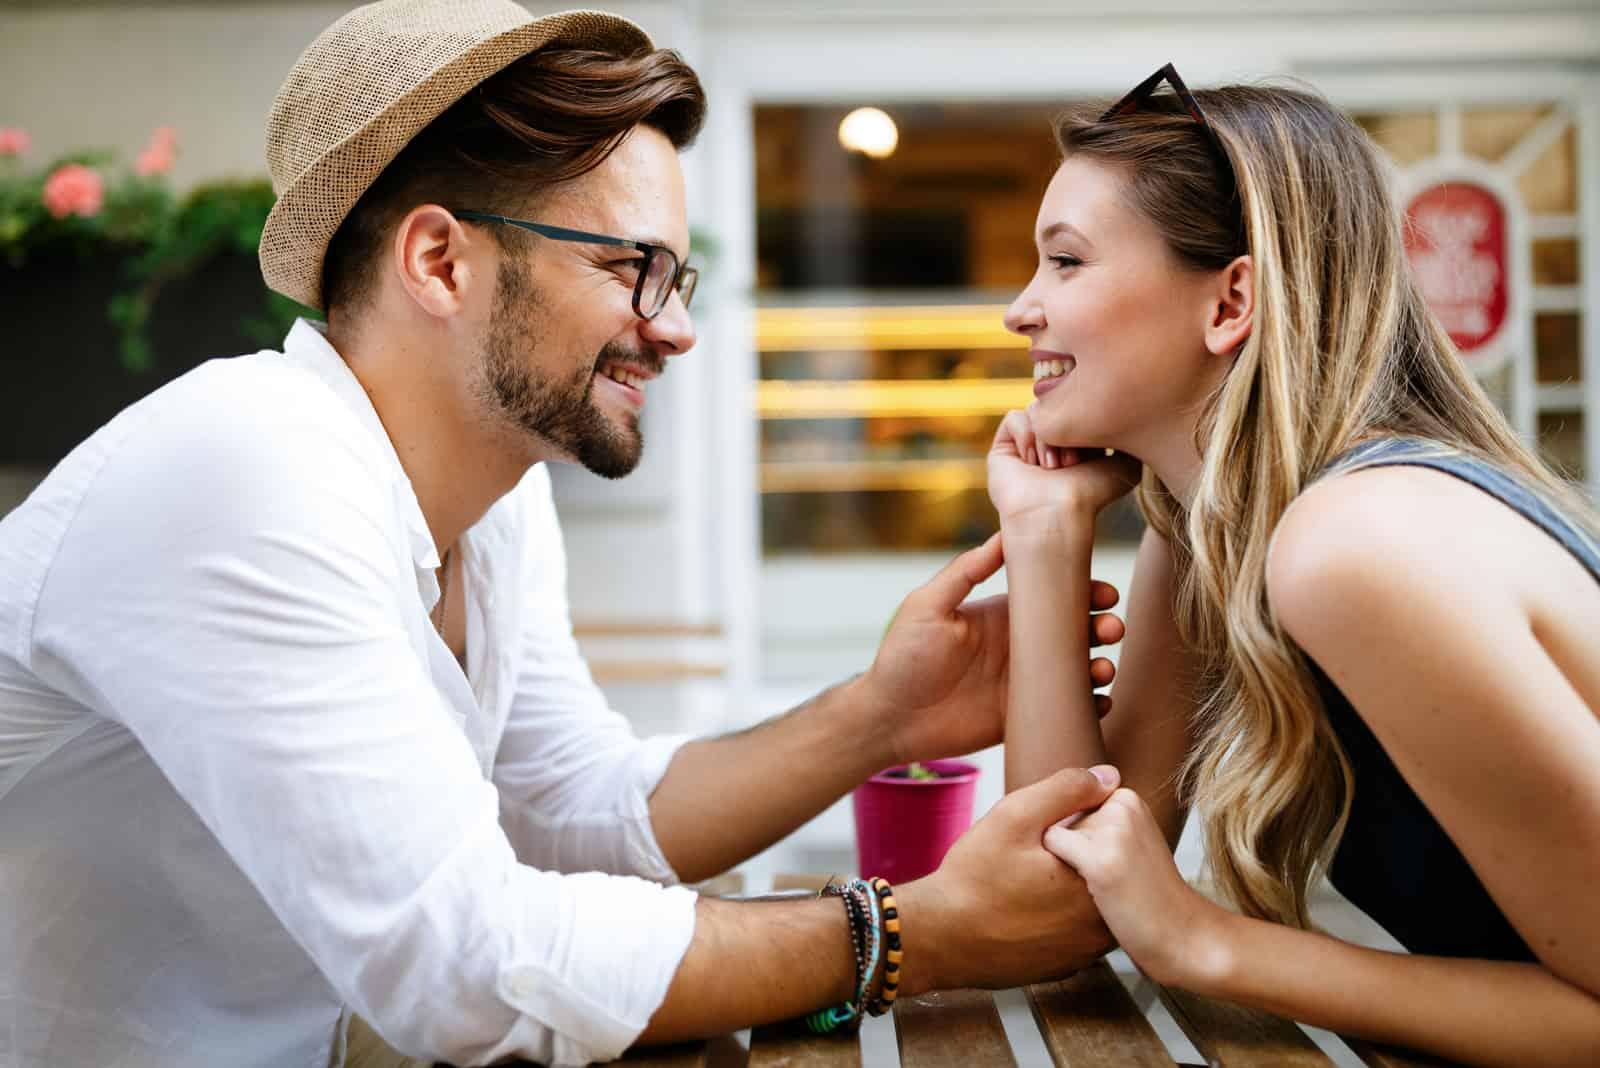 Auf der Terrasse des Cafés sitzt ein Liebespaar Händchen haltend